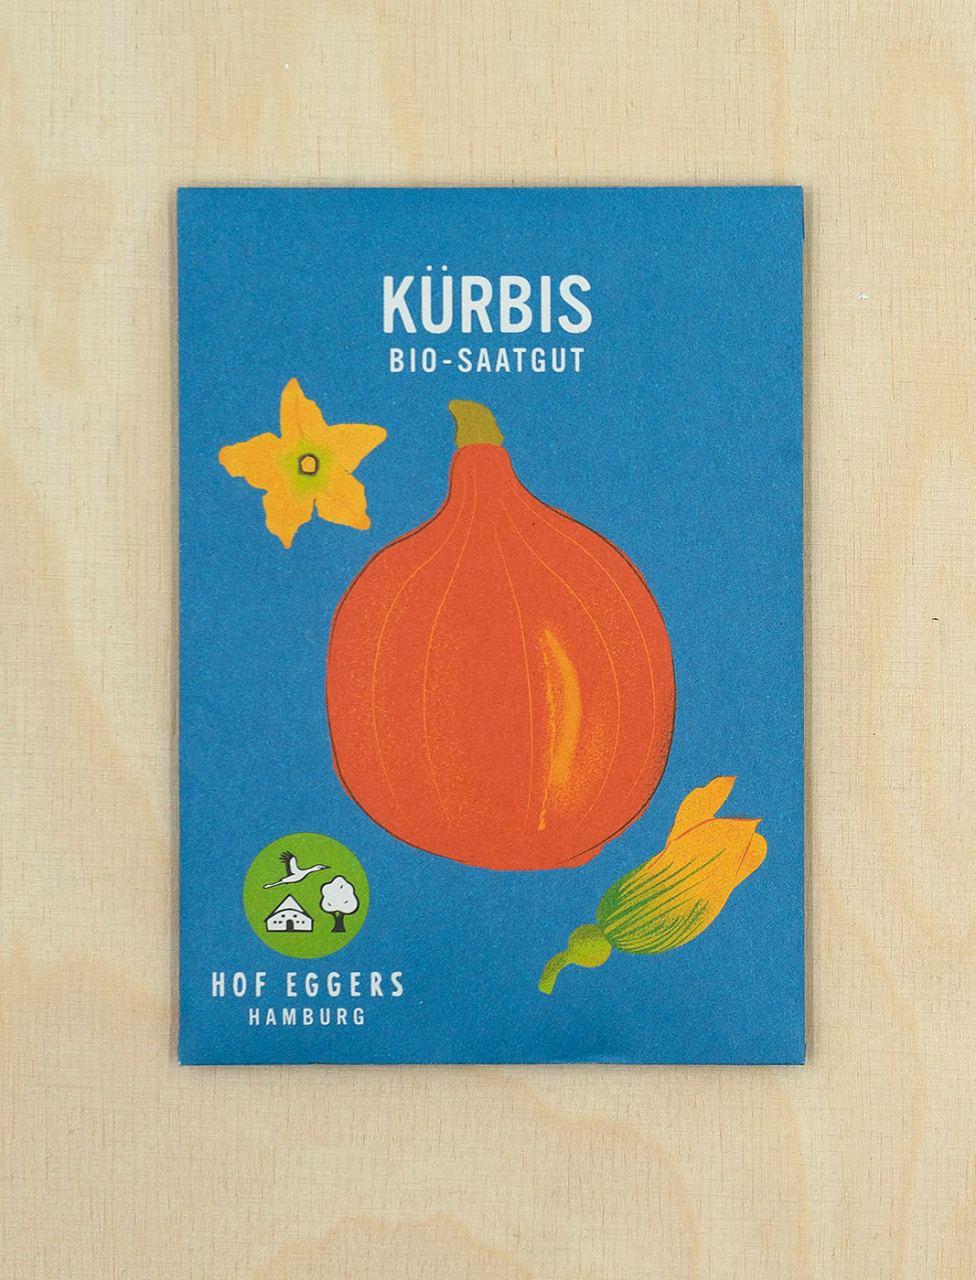 Kürbis Red Kuri, Bio-Saatgut